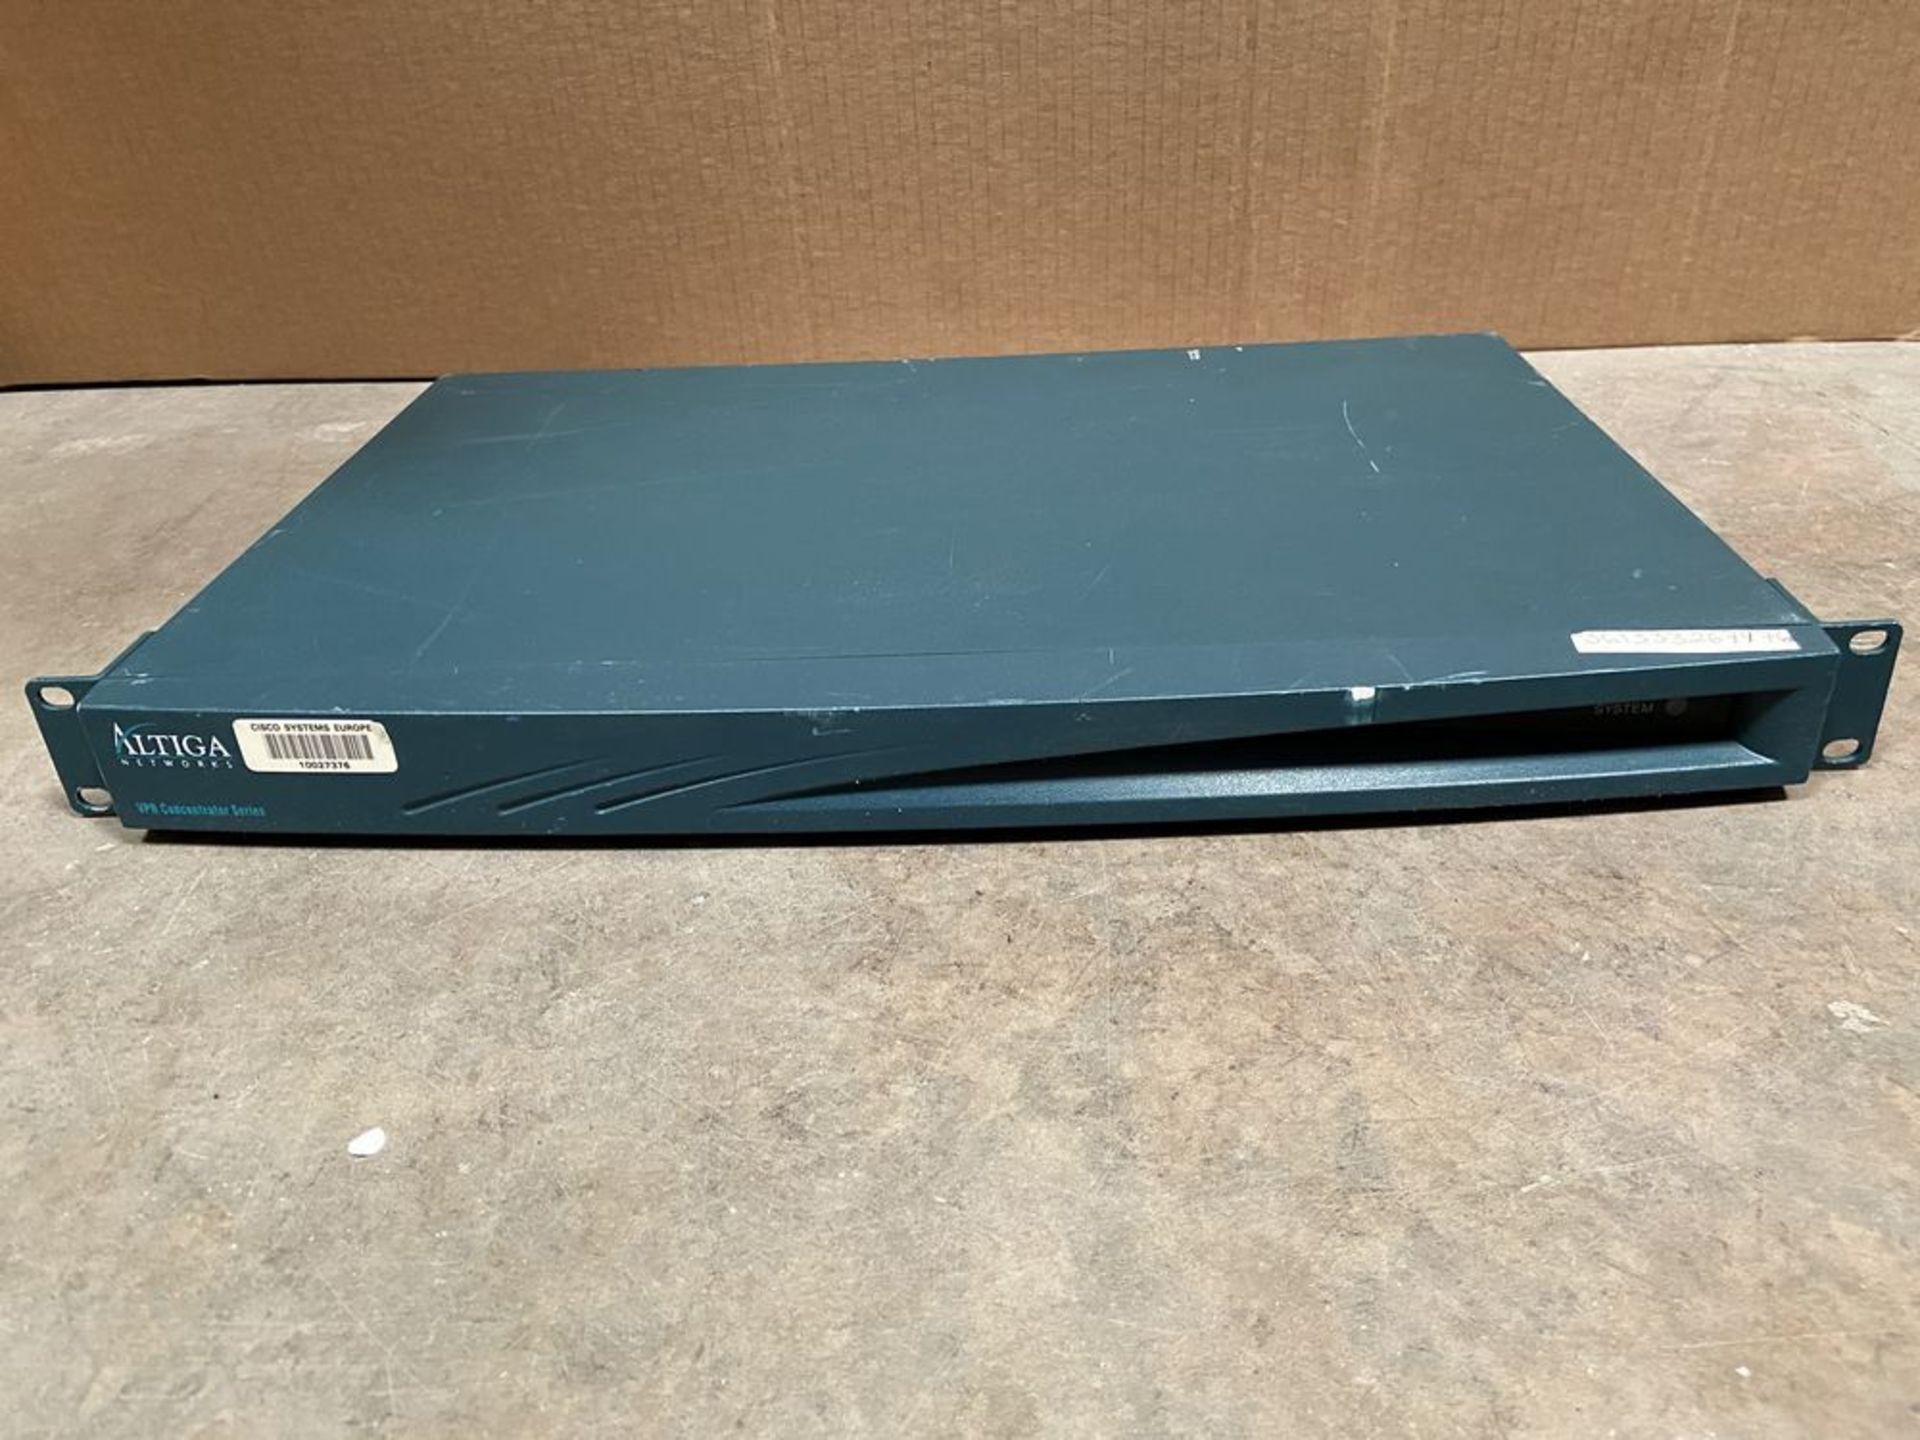 Altiga VPN Concentrator Series Model C5